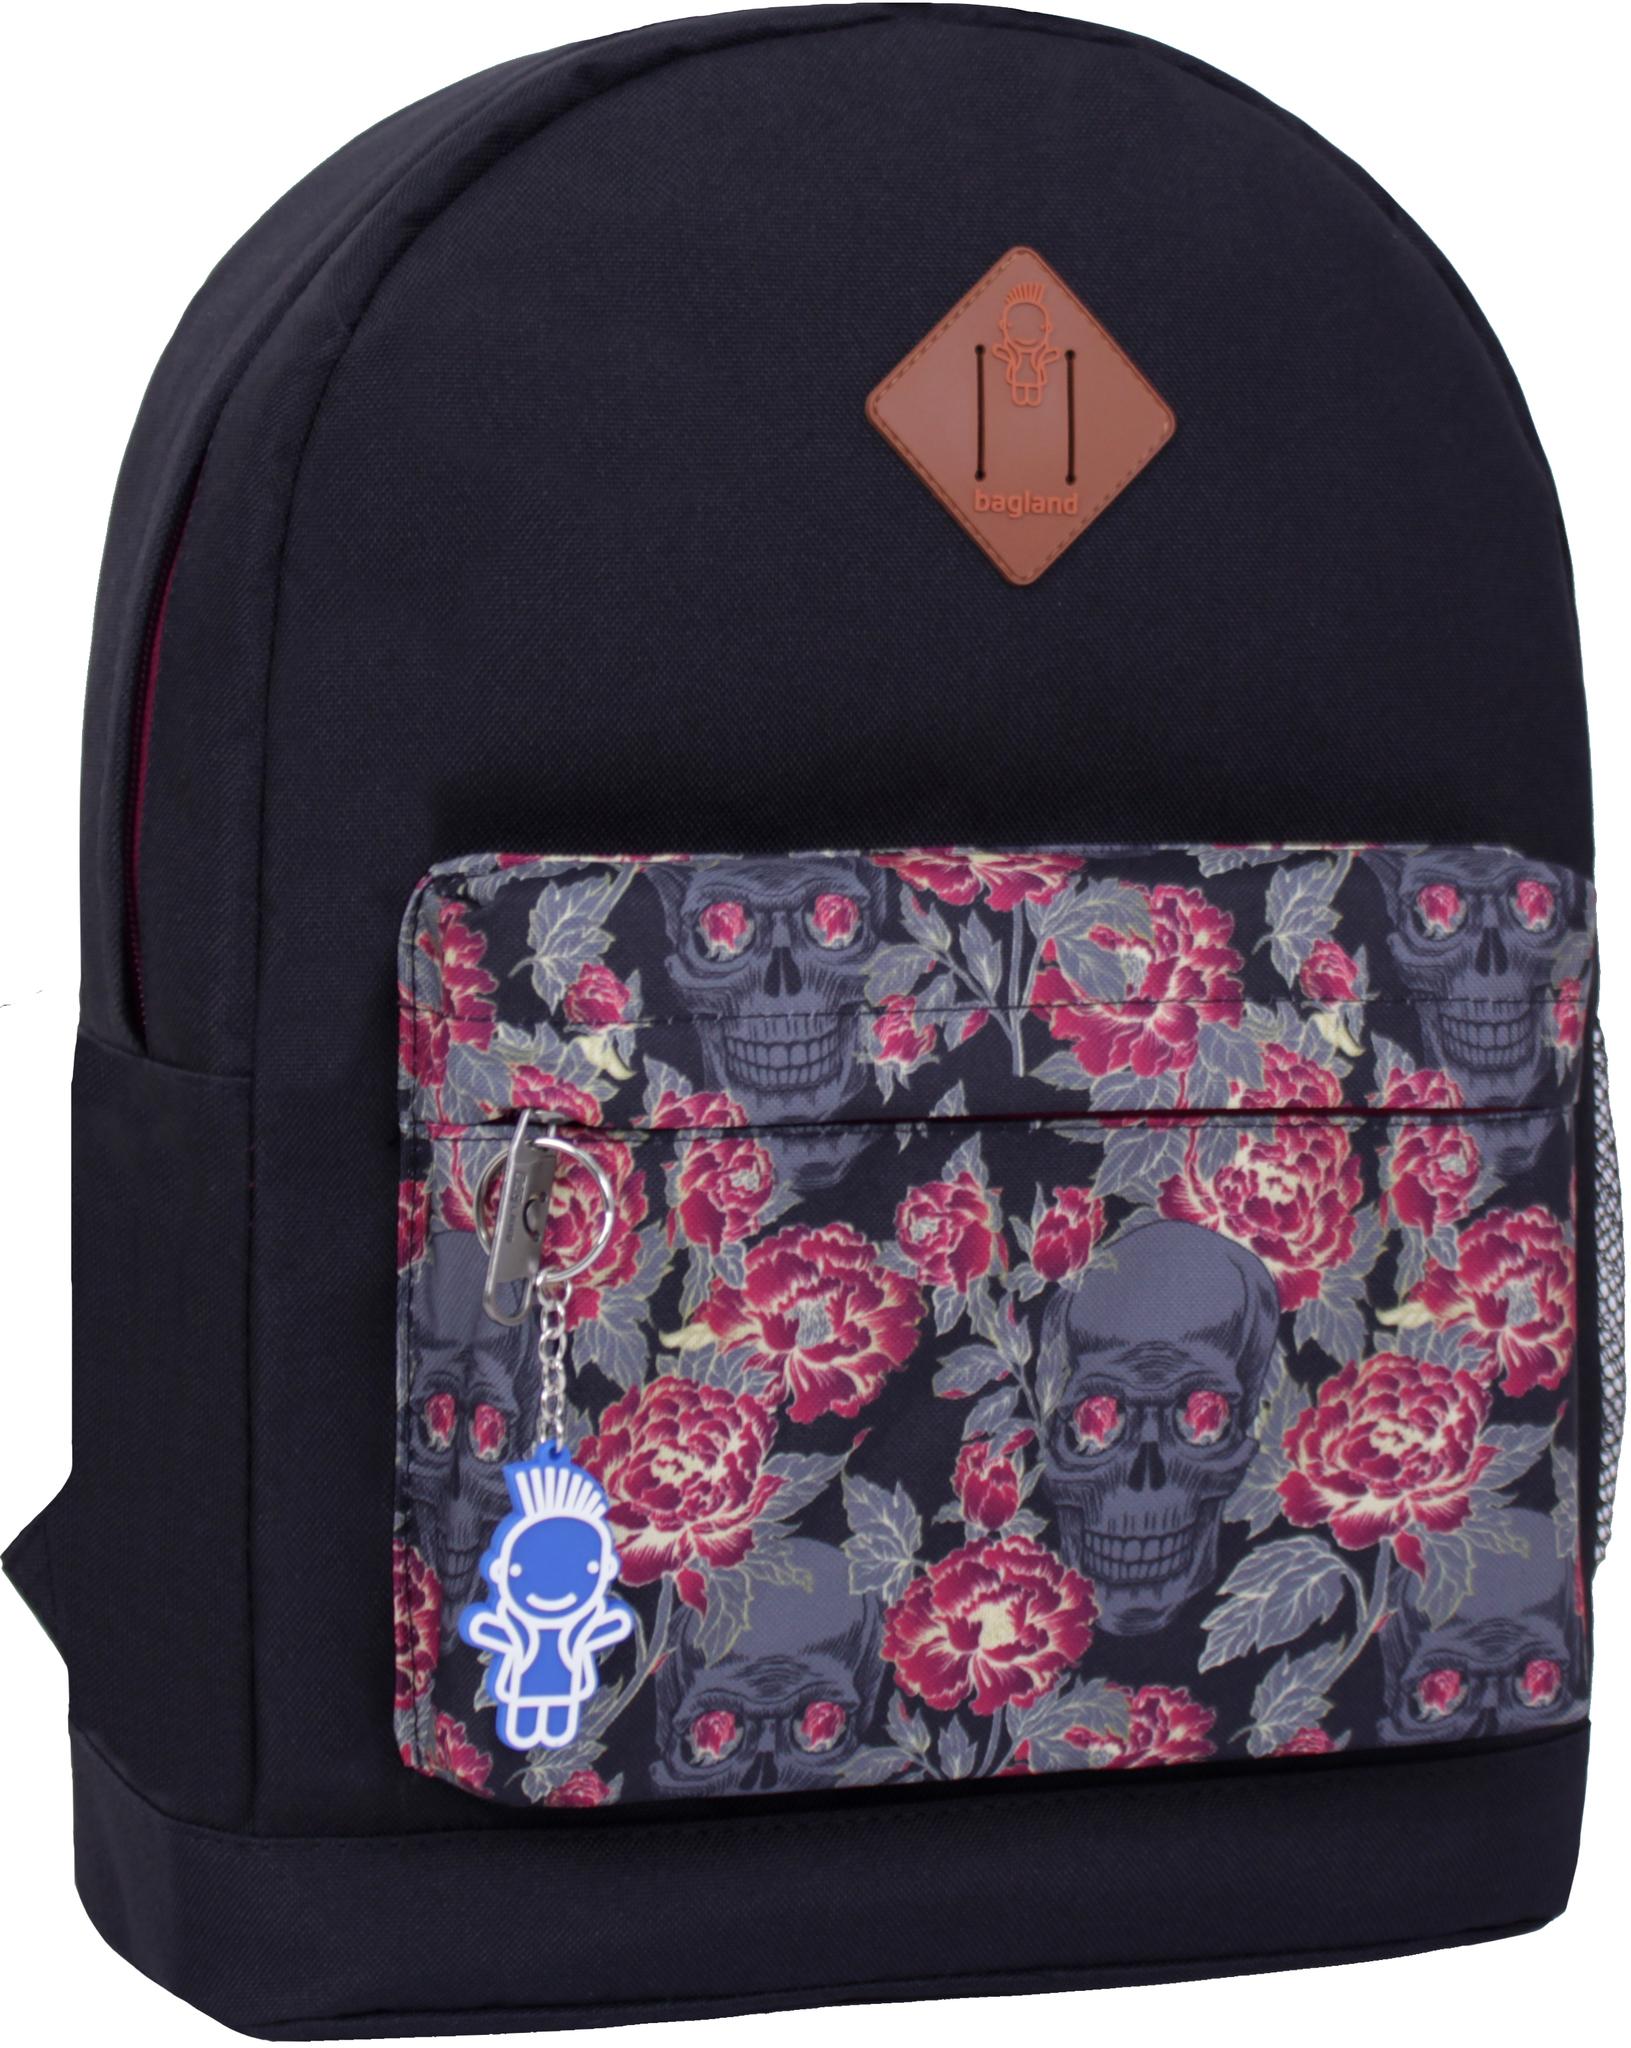 Городские рюкзаки Рюкзак Bagland Молодежный W/R 17 л. черный 468 (00533662) IMG_2427_суб.468_.JPG